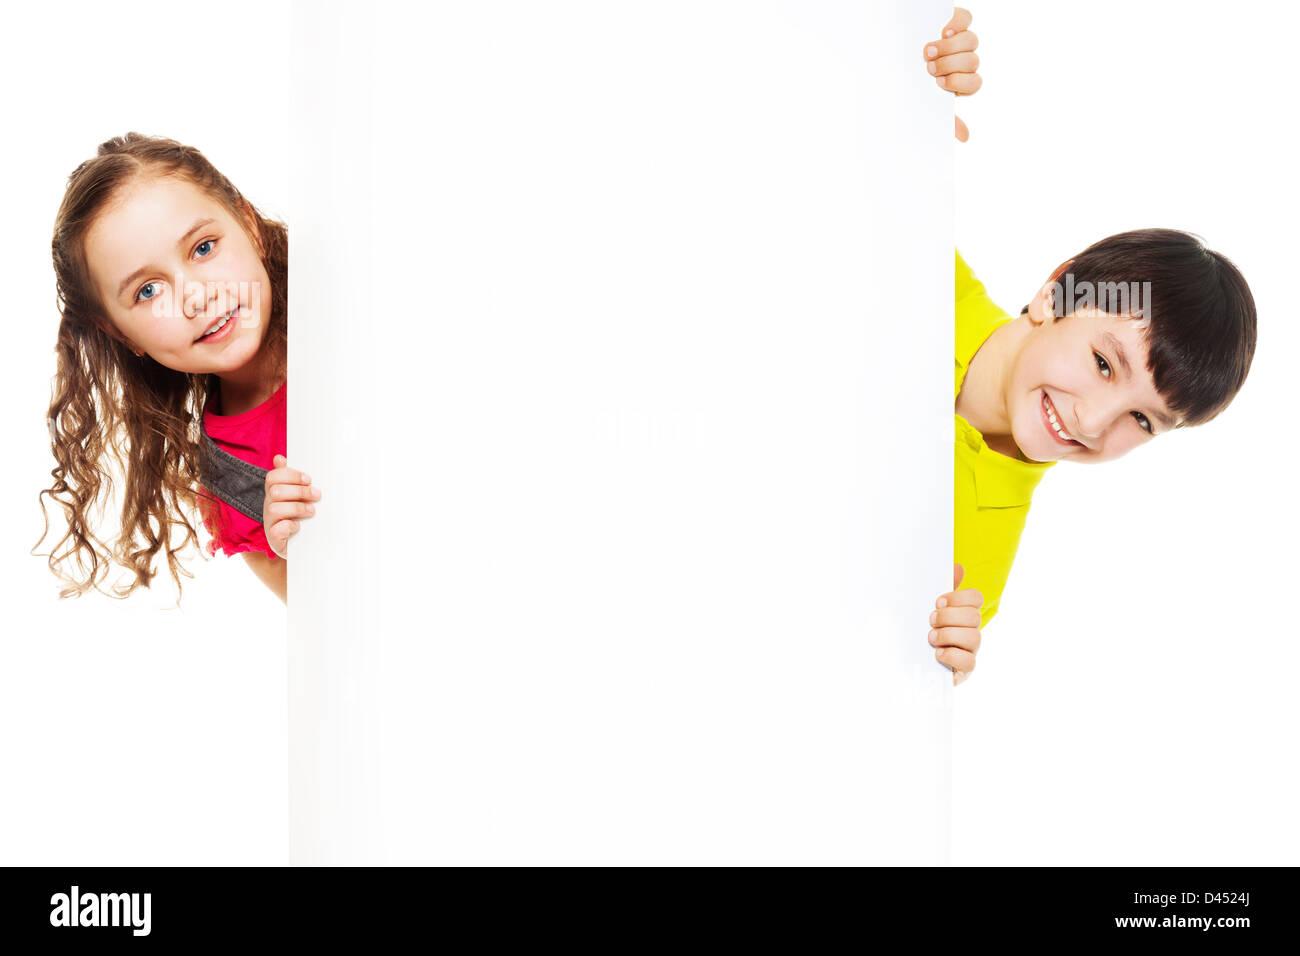 47f691abfd7 Dos niños, niño y niña mostrando placa en blanco para la publicidad que se  inserta